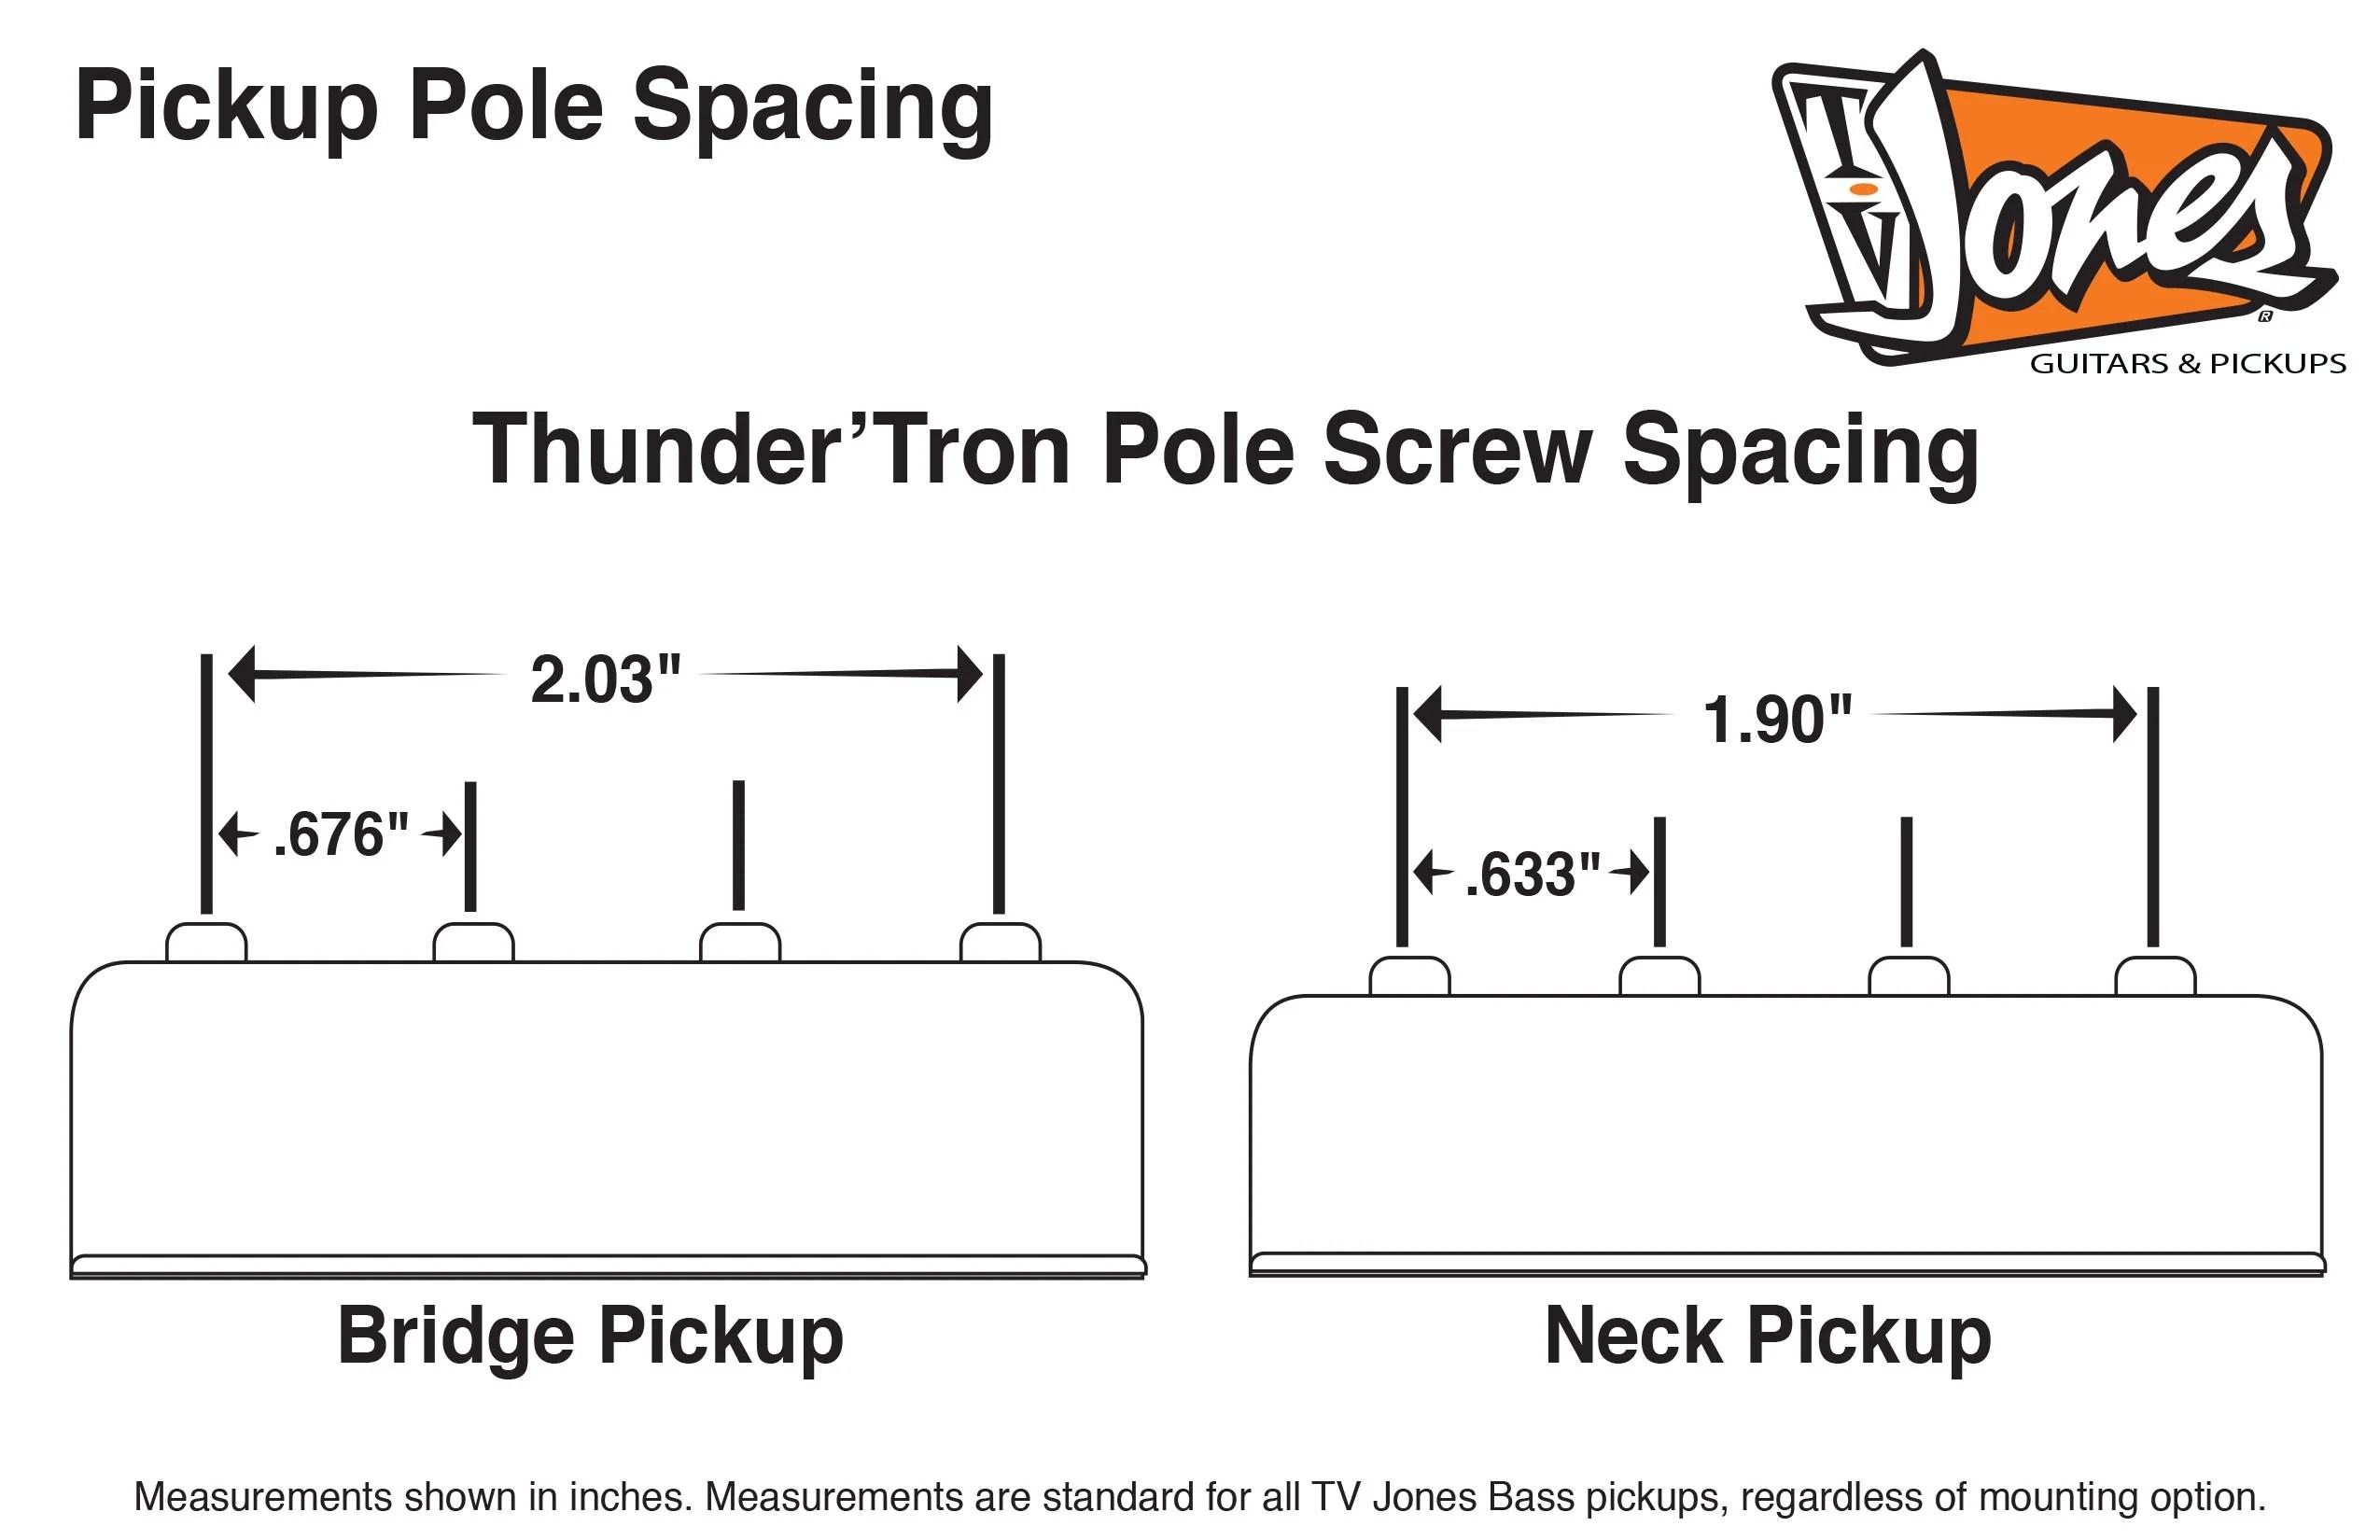 adjustments each tv jones pickup  [ 2550 x 1650 Pixel ]